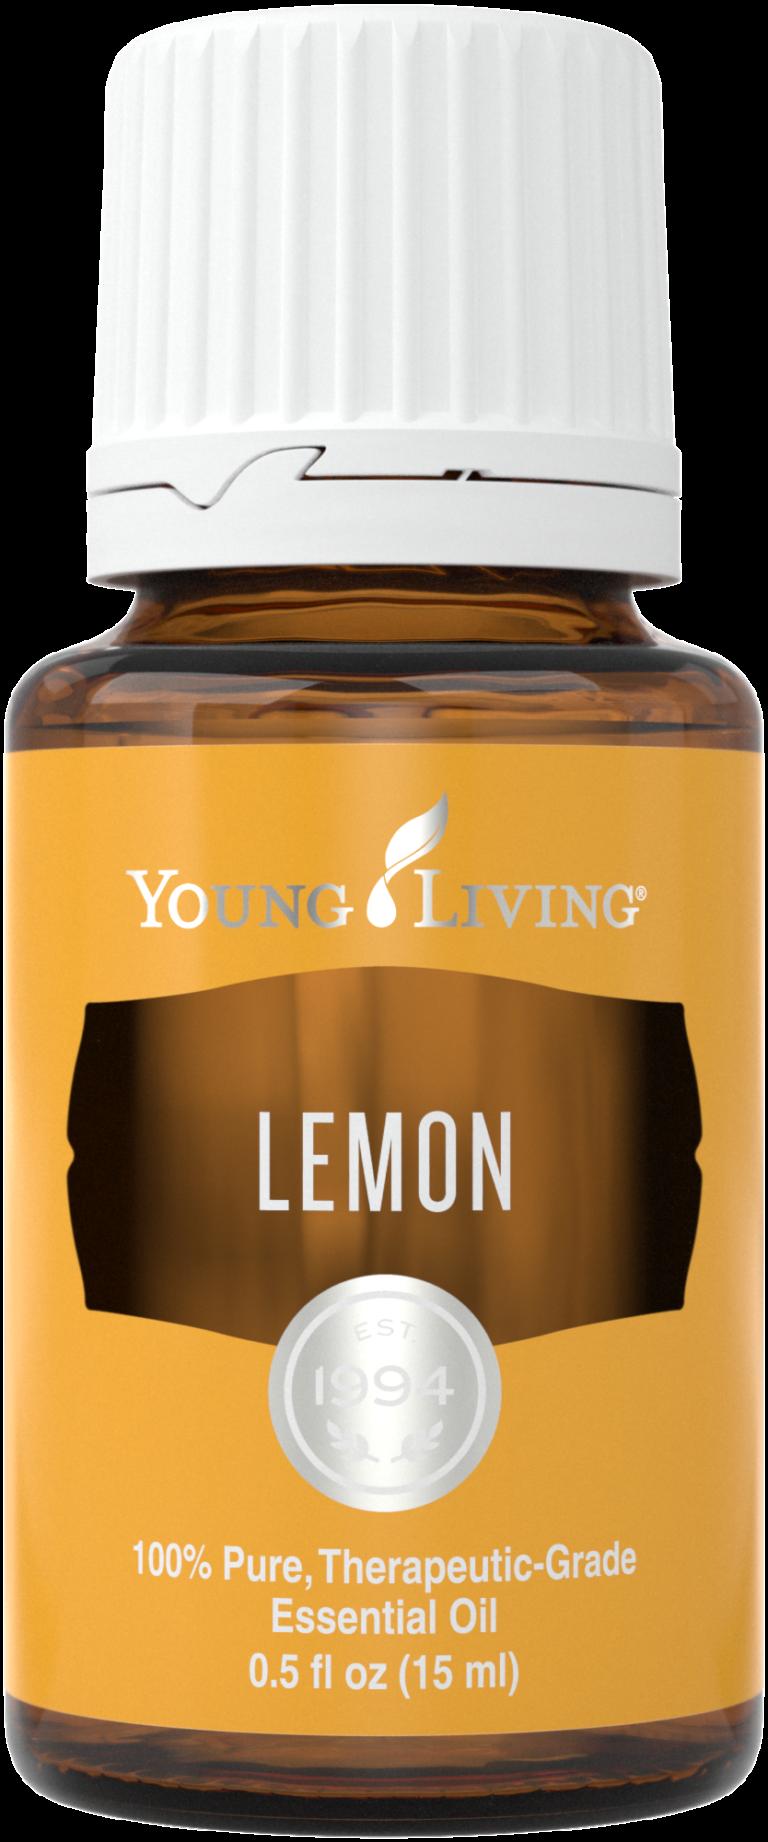 lemon_15ml_silo_us_2016_24527318425_o